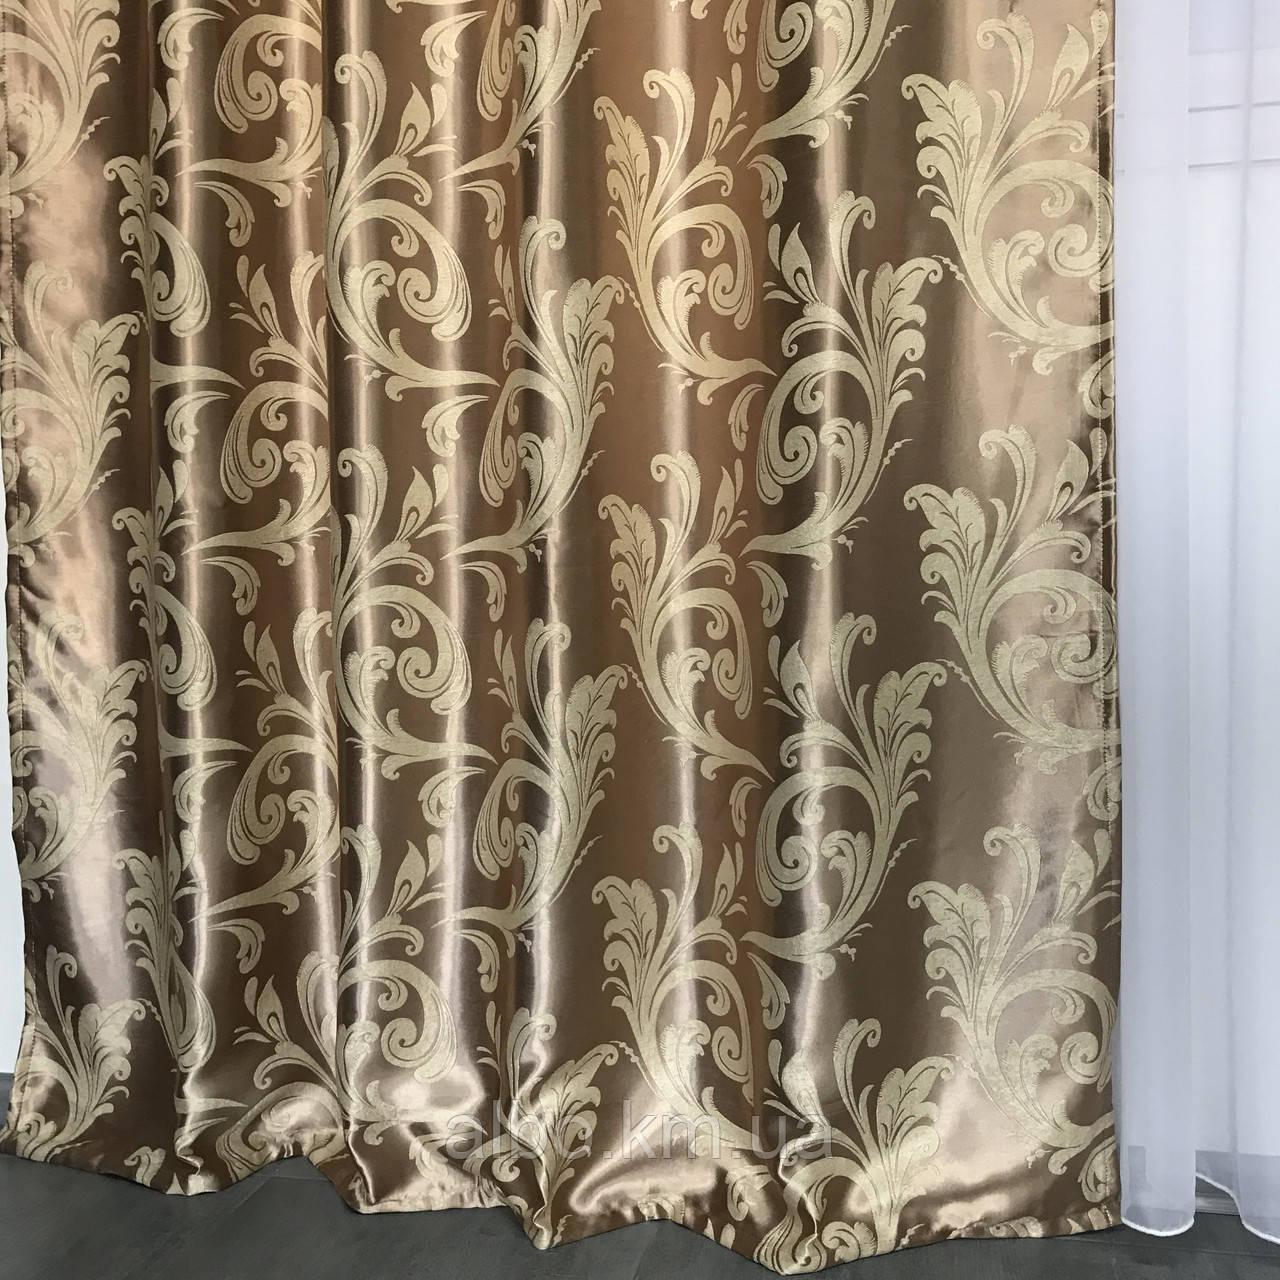 Готовые плотные шторы блэкаут 150X270 см (2 шт) ALBO Капучино  (SH-202-5)